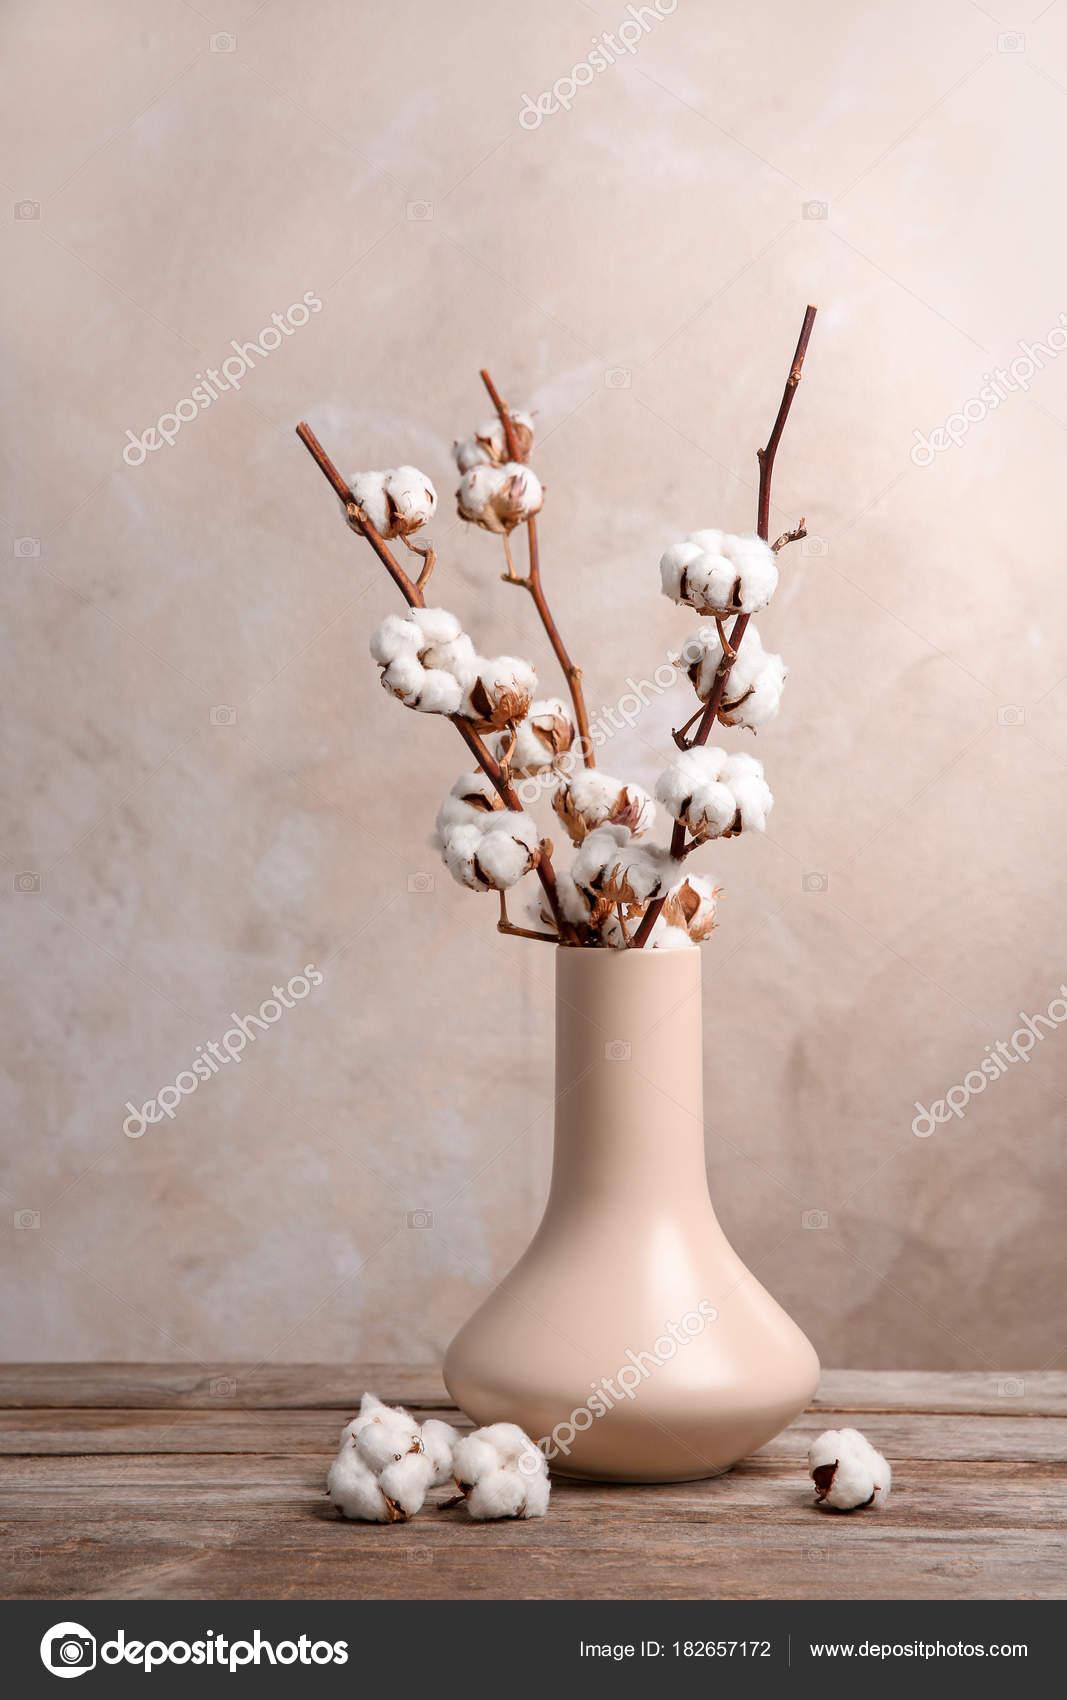 Coton Fleurs Dans Vase Sur Table Photographie Belchonock C 182657172